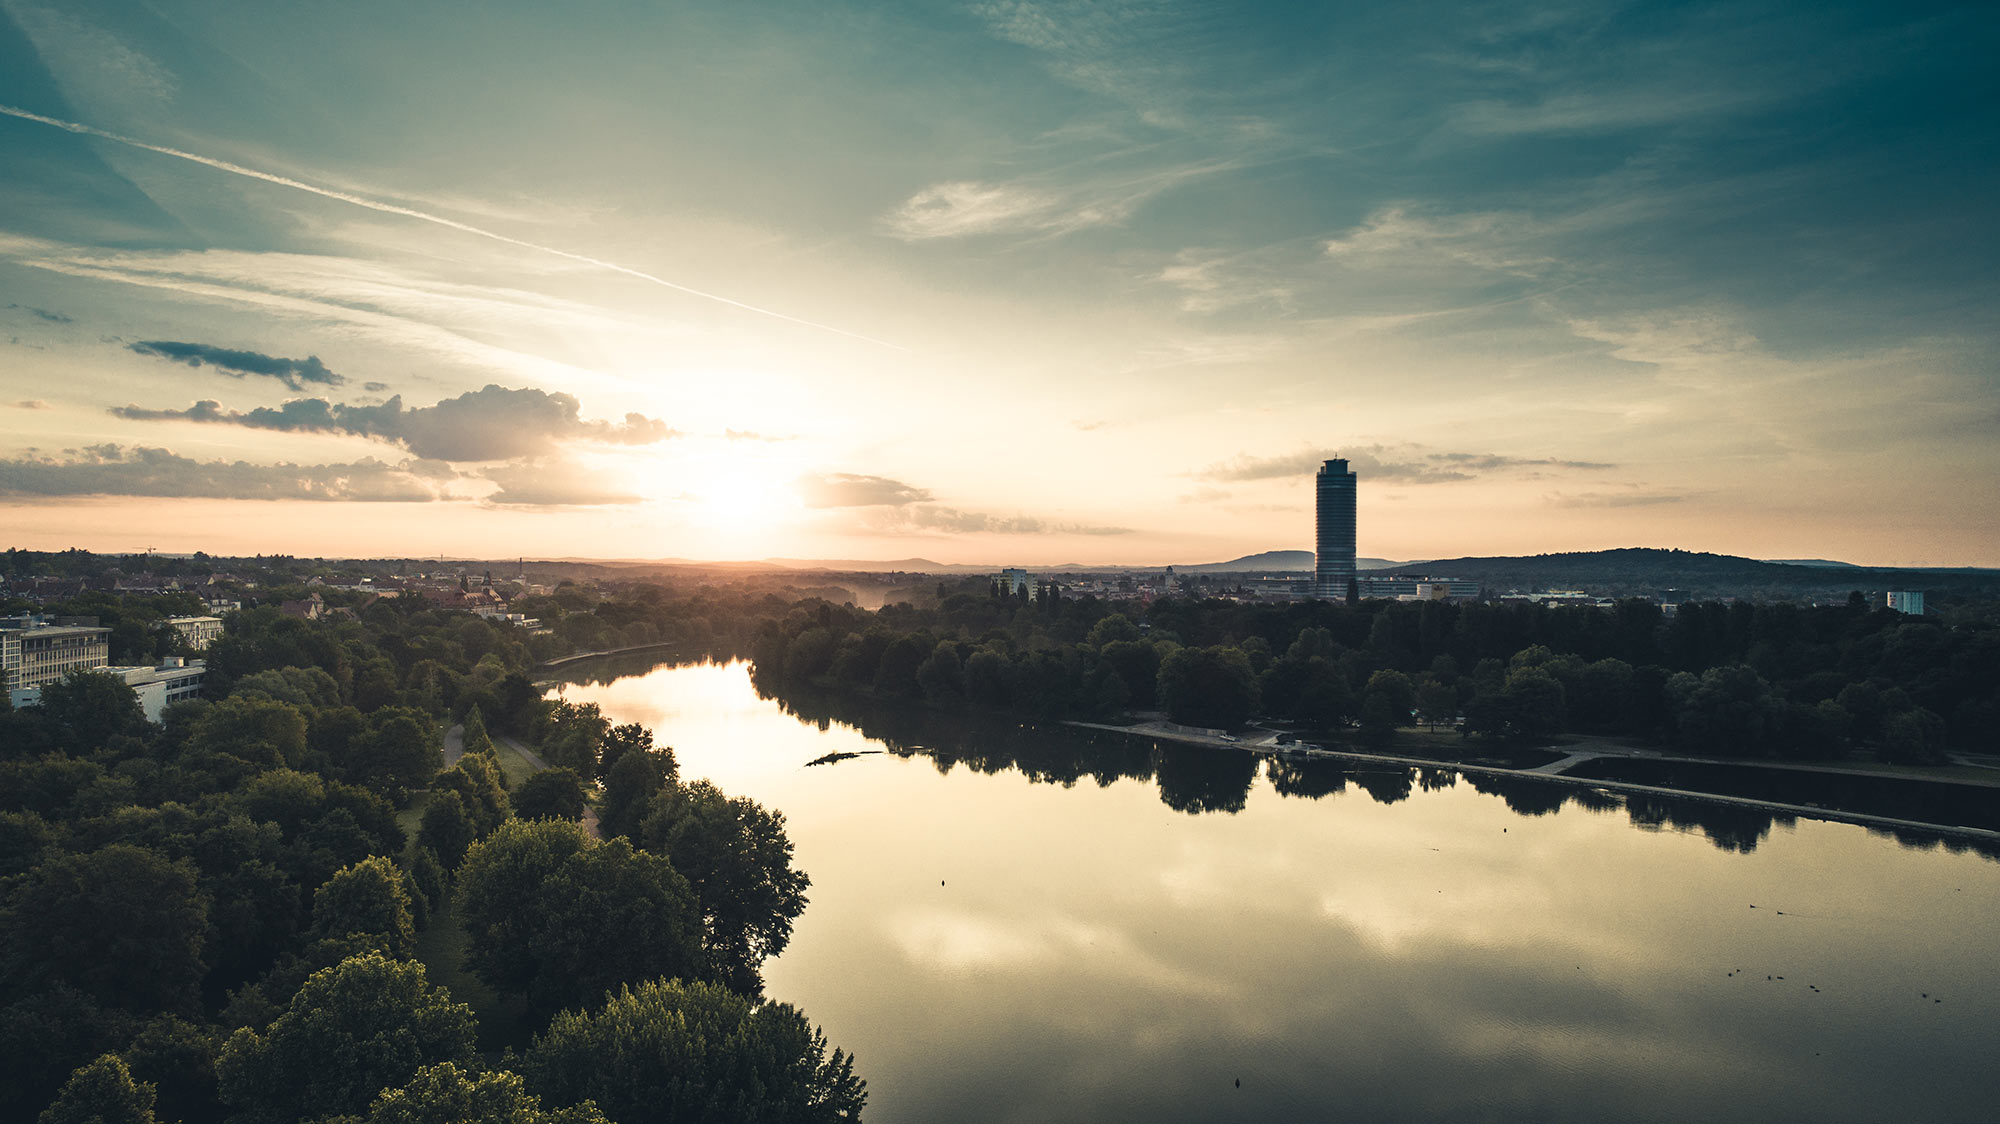 Wöhrder See, Nürnberg, 2018.